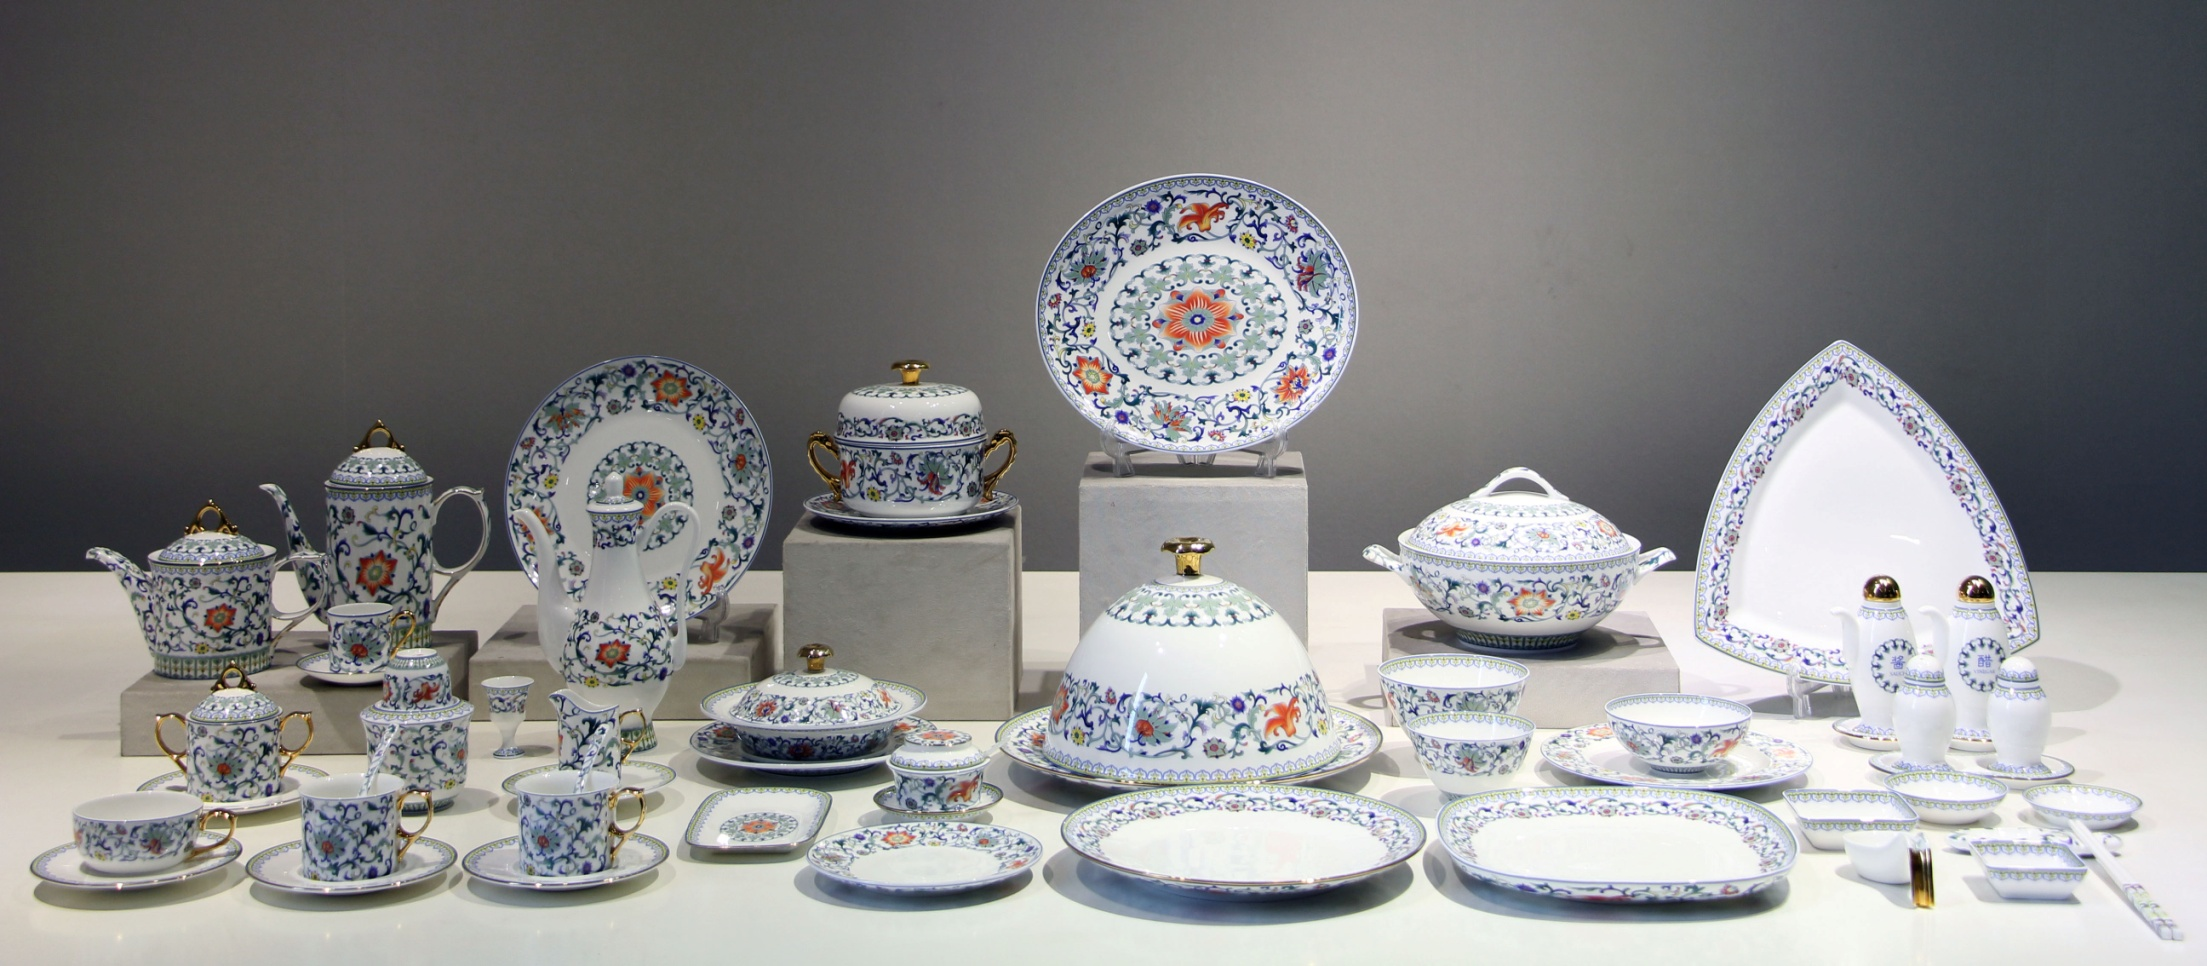 陶瓷餐具 APEC首脑用瓷